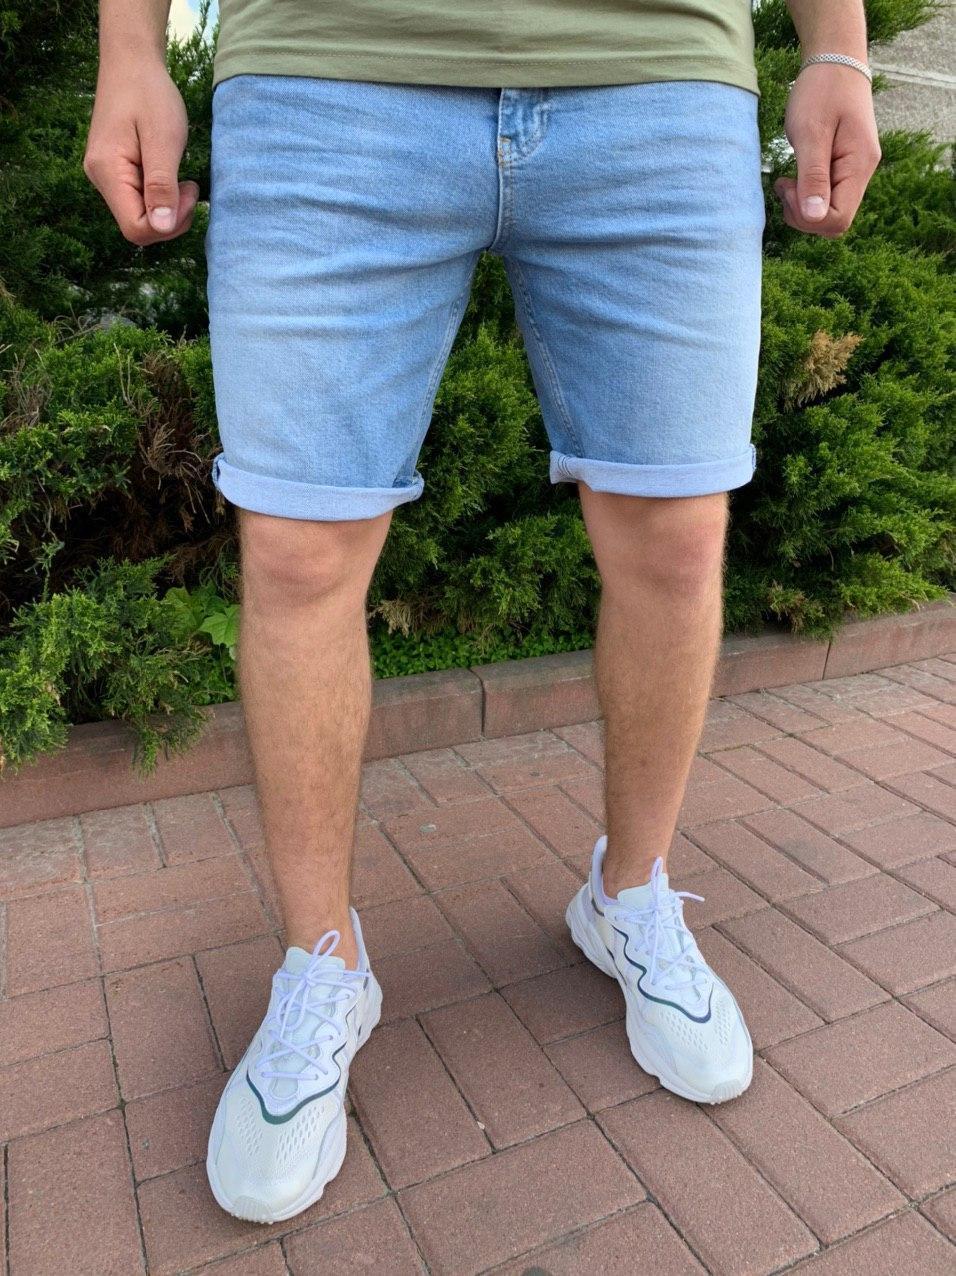 Чоловічі джинсові шорти блакитного кольору з підворотом